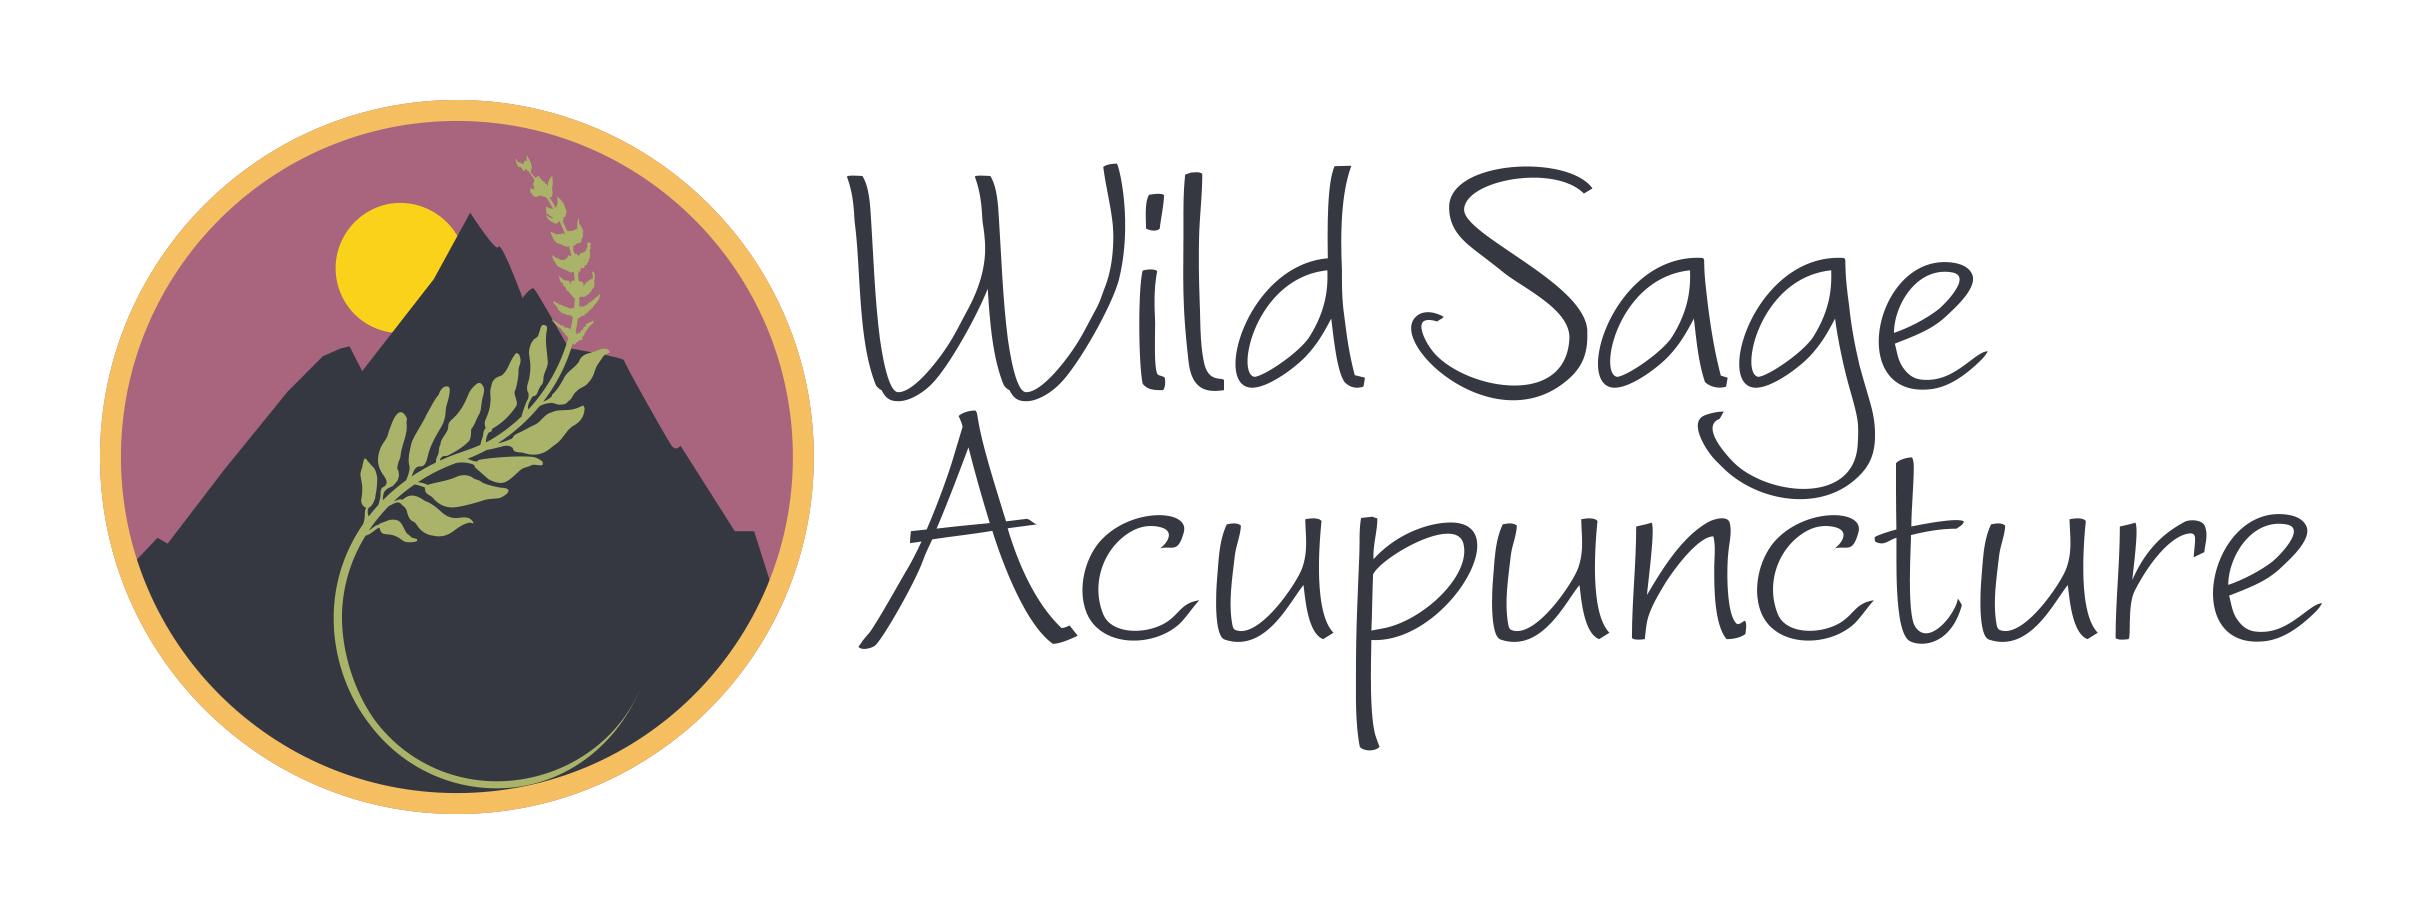 Wild Sage Acupuncture